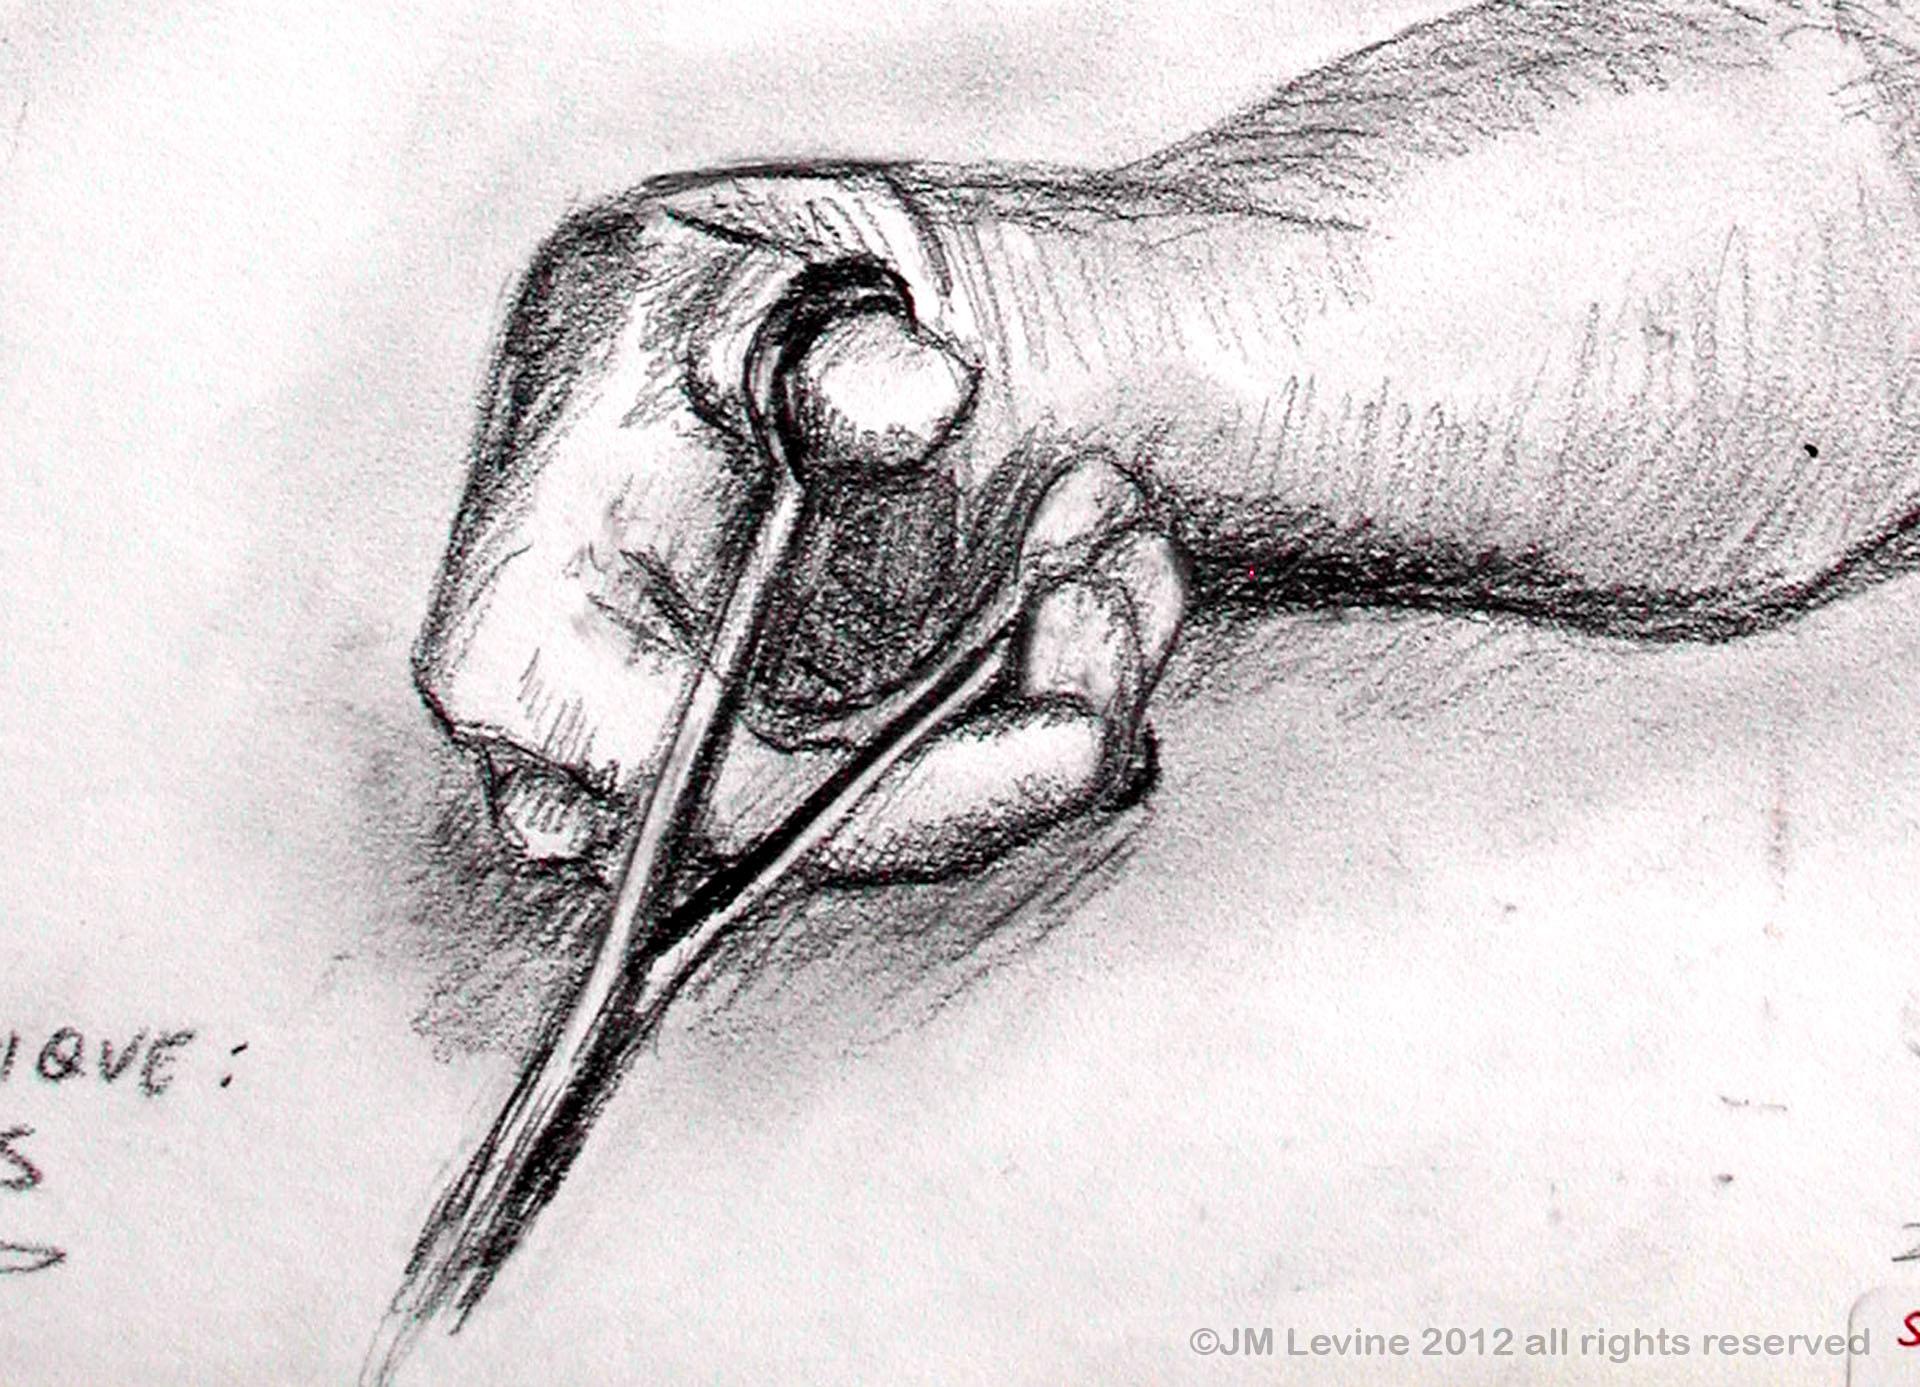 Jeffrey-M-Levine-MD; Jeff-Levine, Dr-Jeffrey-Levine, Jlevinemd, levineartstudio,medical-school, med-school, sketchbook, pen-and-ink, sketch-book, drawings